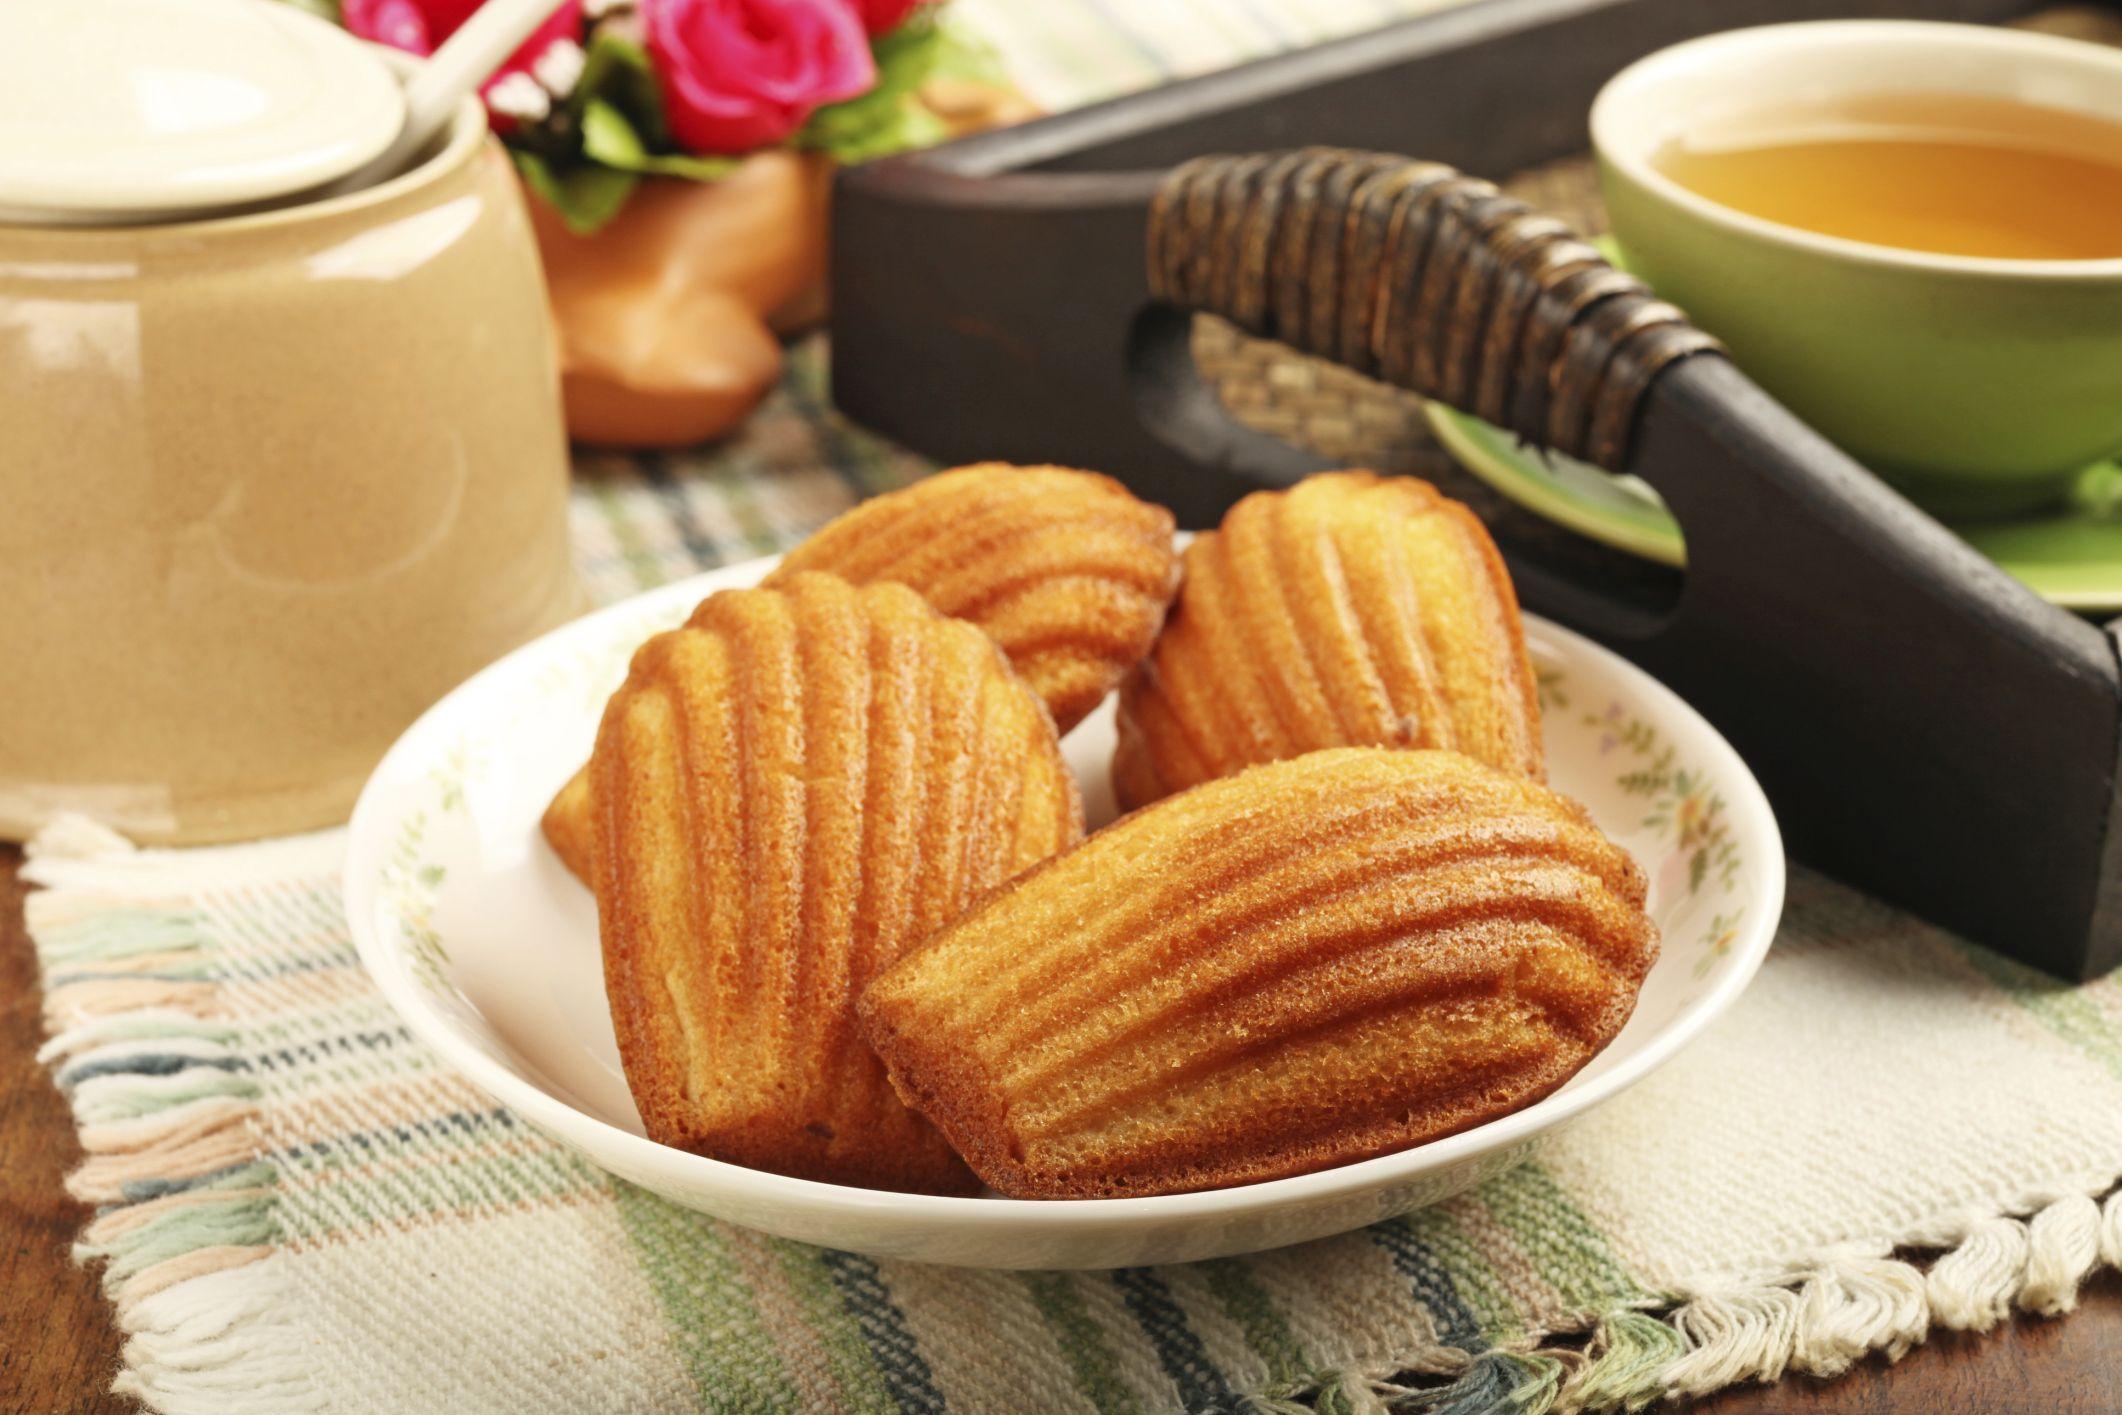 La magdalena es un bocadito perfecto para acompañar un café o un té a mitad de mañana: http://elgour.me/1YibV9w  #elgourmet #TuCanalDeCocina #Dulces